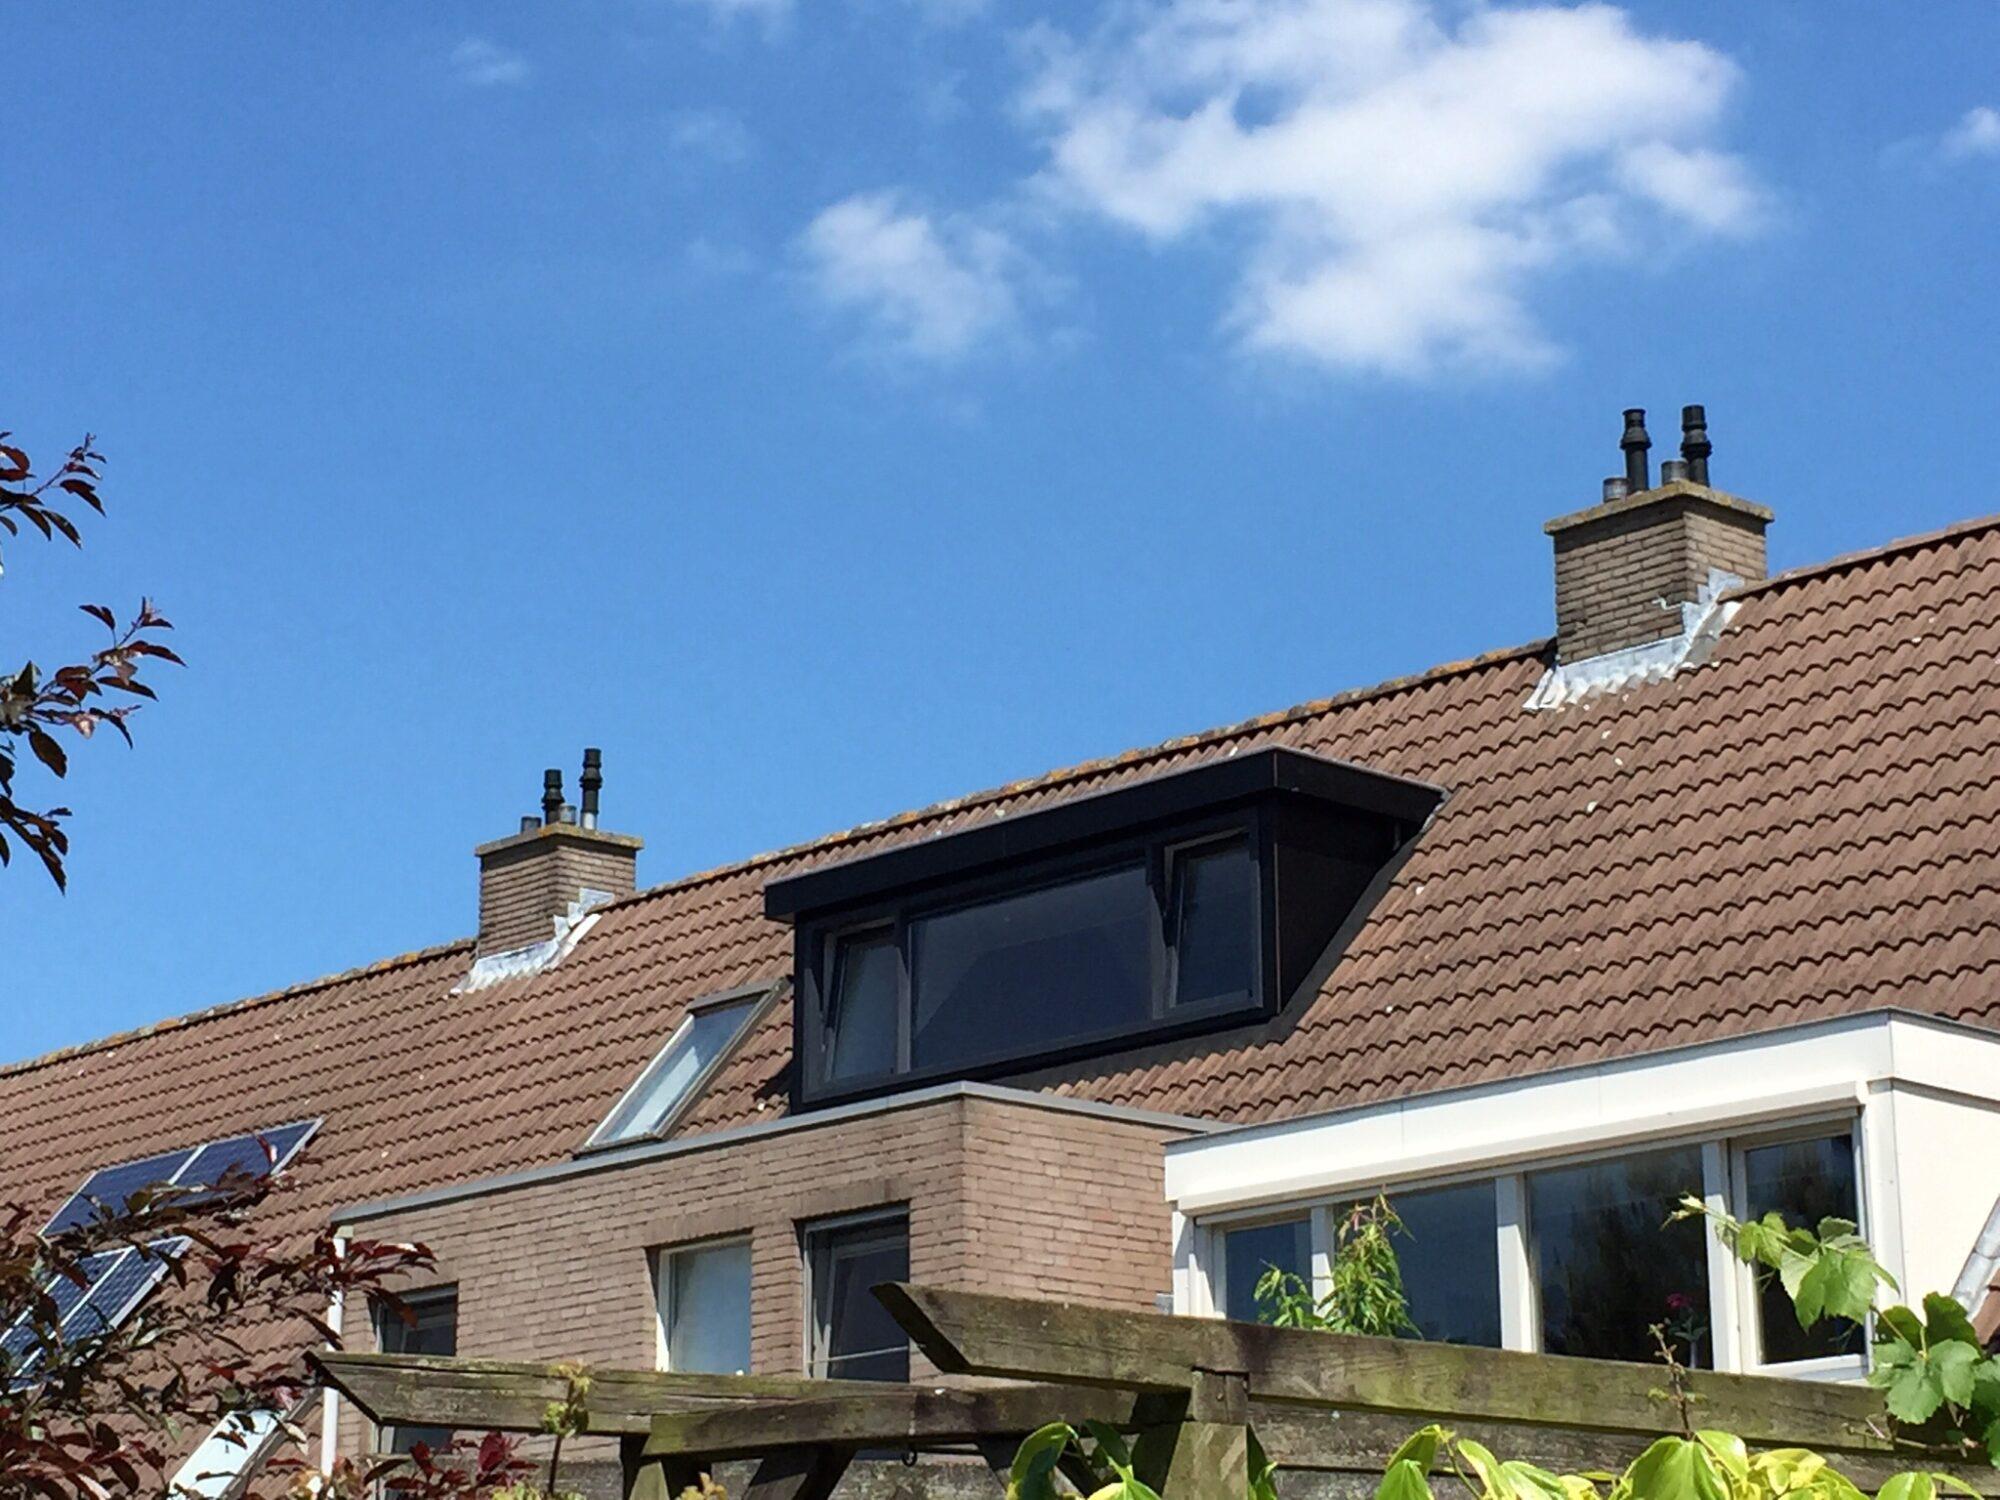 Verhoef-Dakramen-project-Twee zwarte dakkapellen Houten180945